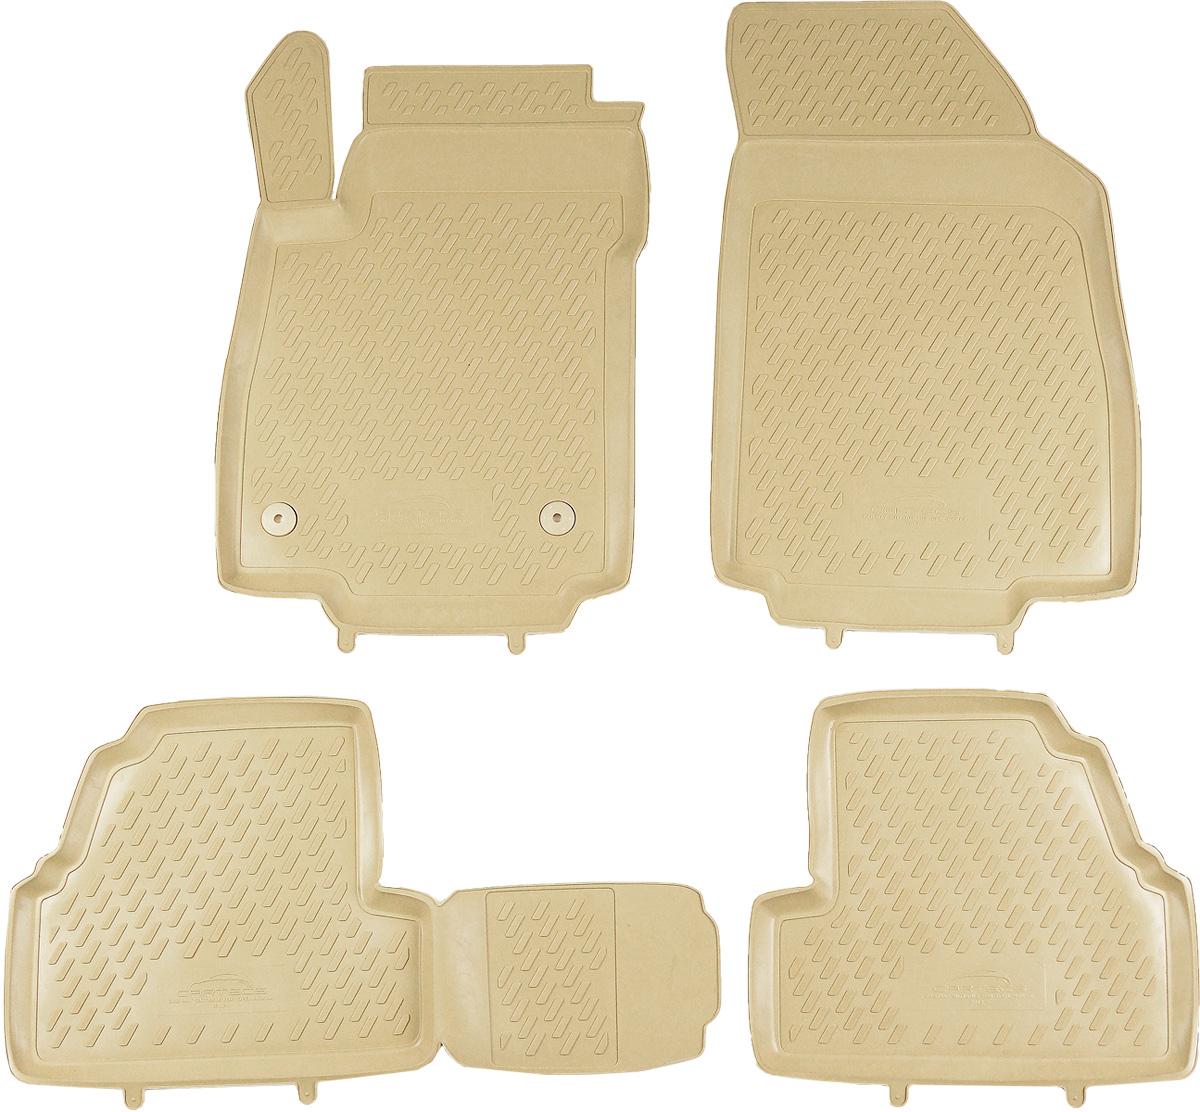 Коврики в салон автомобиля Novline-Autofamily, для Opel Mokka 2012->, 4 шт54 009312Коврики в салон Novline-Autofamily не только улучшат внешний вид салона вашего автомобиля, но и надежно уберегут его от пыли, грязи и сырости, а значит, защитят кузов от коррозии. Полиуретановые коврики для автомобиля гладкие, приятные и не пропускают влагу. Автомобильные коврики в салон учитывают все особенности каждой модели и полностью повторяют контуры пола. Благодаря этому их не нужно будет подгибать или обрезать. И самое главное - они не будут мешать педалям.Полиуретановые автомобильные коврики для салона произведены из высококачественного материала, который держит форму и не пачкает обувь. К тому же, этот материал очень прочный (его, к примеру, не получится проткнуть каблуком).Некоторые автоковрики становятся источником неприятного запаха в автомобиле. С полиуретановыми ковриками Novline-Autofamily вы можете этого не бояться.Коврики для автомобилей надежно крепятся на полу и не скользят, что очень важно во время движения, особенно для водителя.Коврики из полиуретана надежно удерживают грязь и влагу, при этом всегда выглядят довольно опрятно. И чистятся они очень просто: как при помощи автомобильного пылесоса, так и различными моющими средствами.